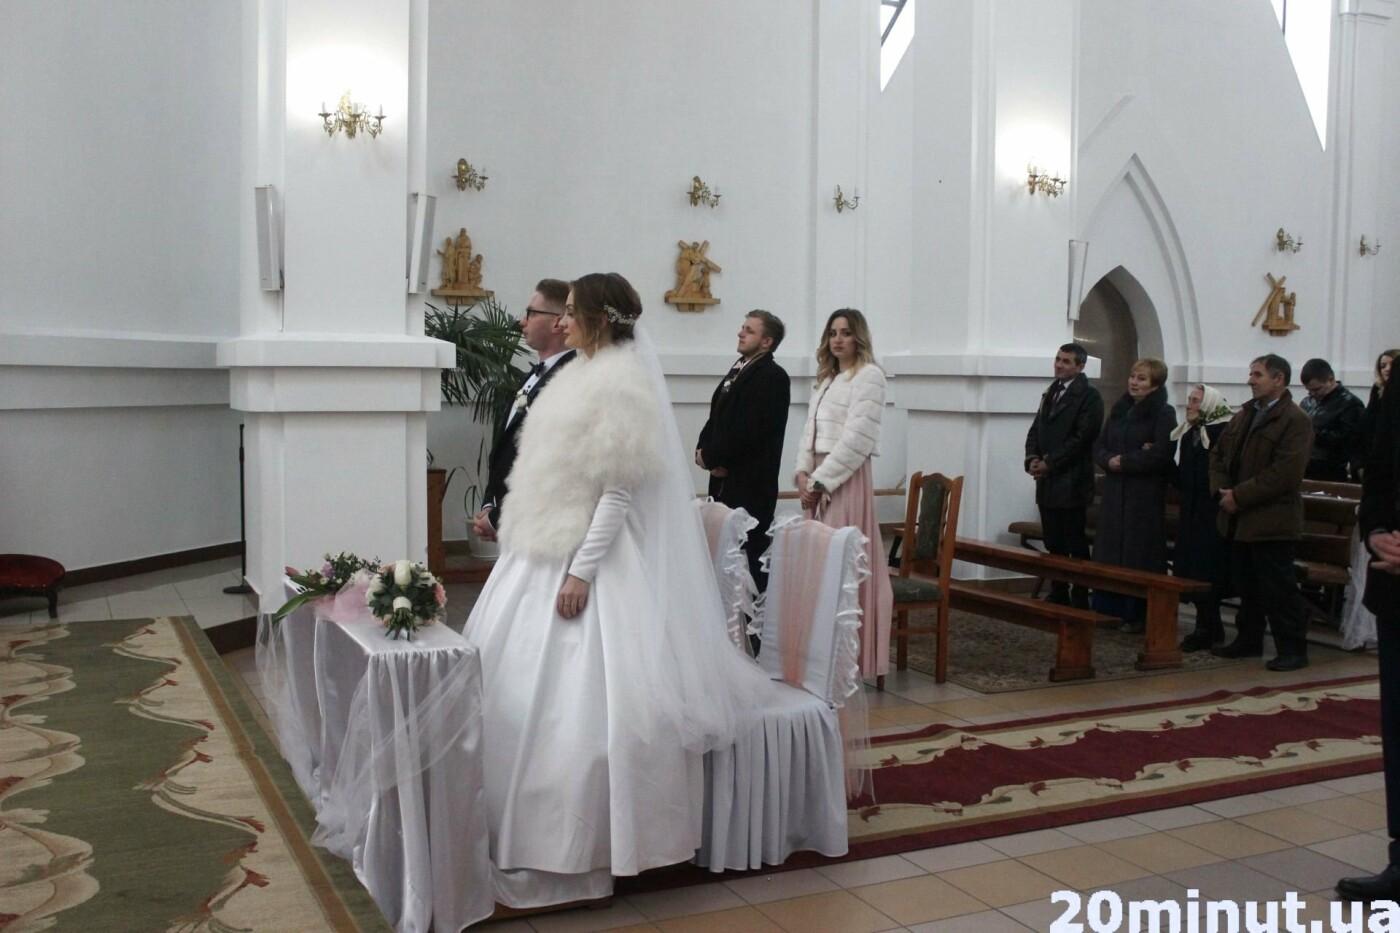 """У День закоханих одружився учасник тернопільського гурту """"Тріоди"""" (ФОТО+ВІДЕО), фото-3"""